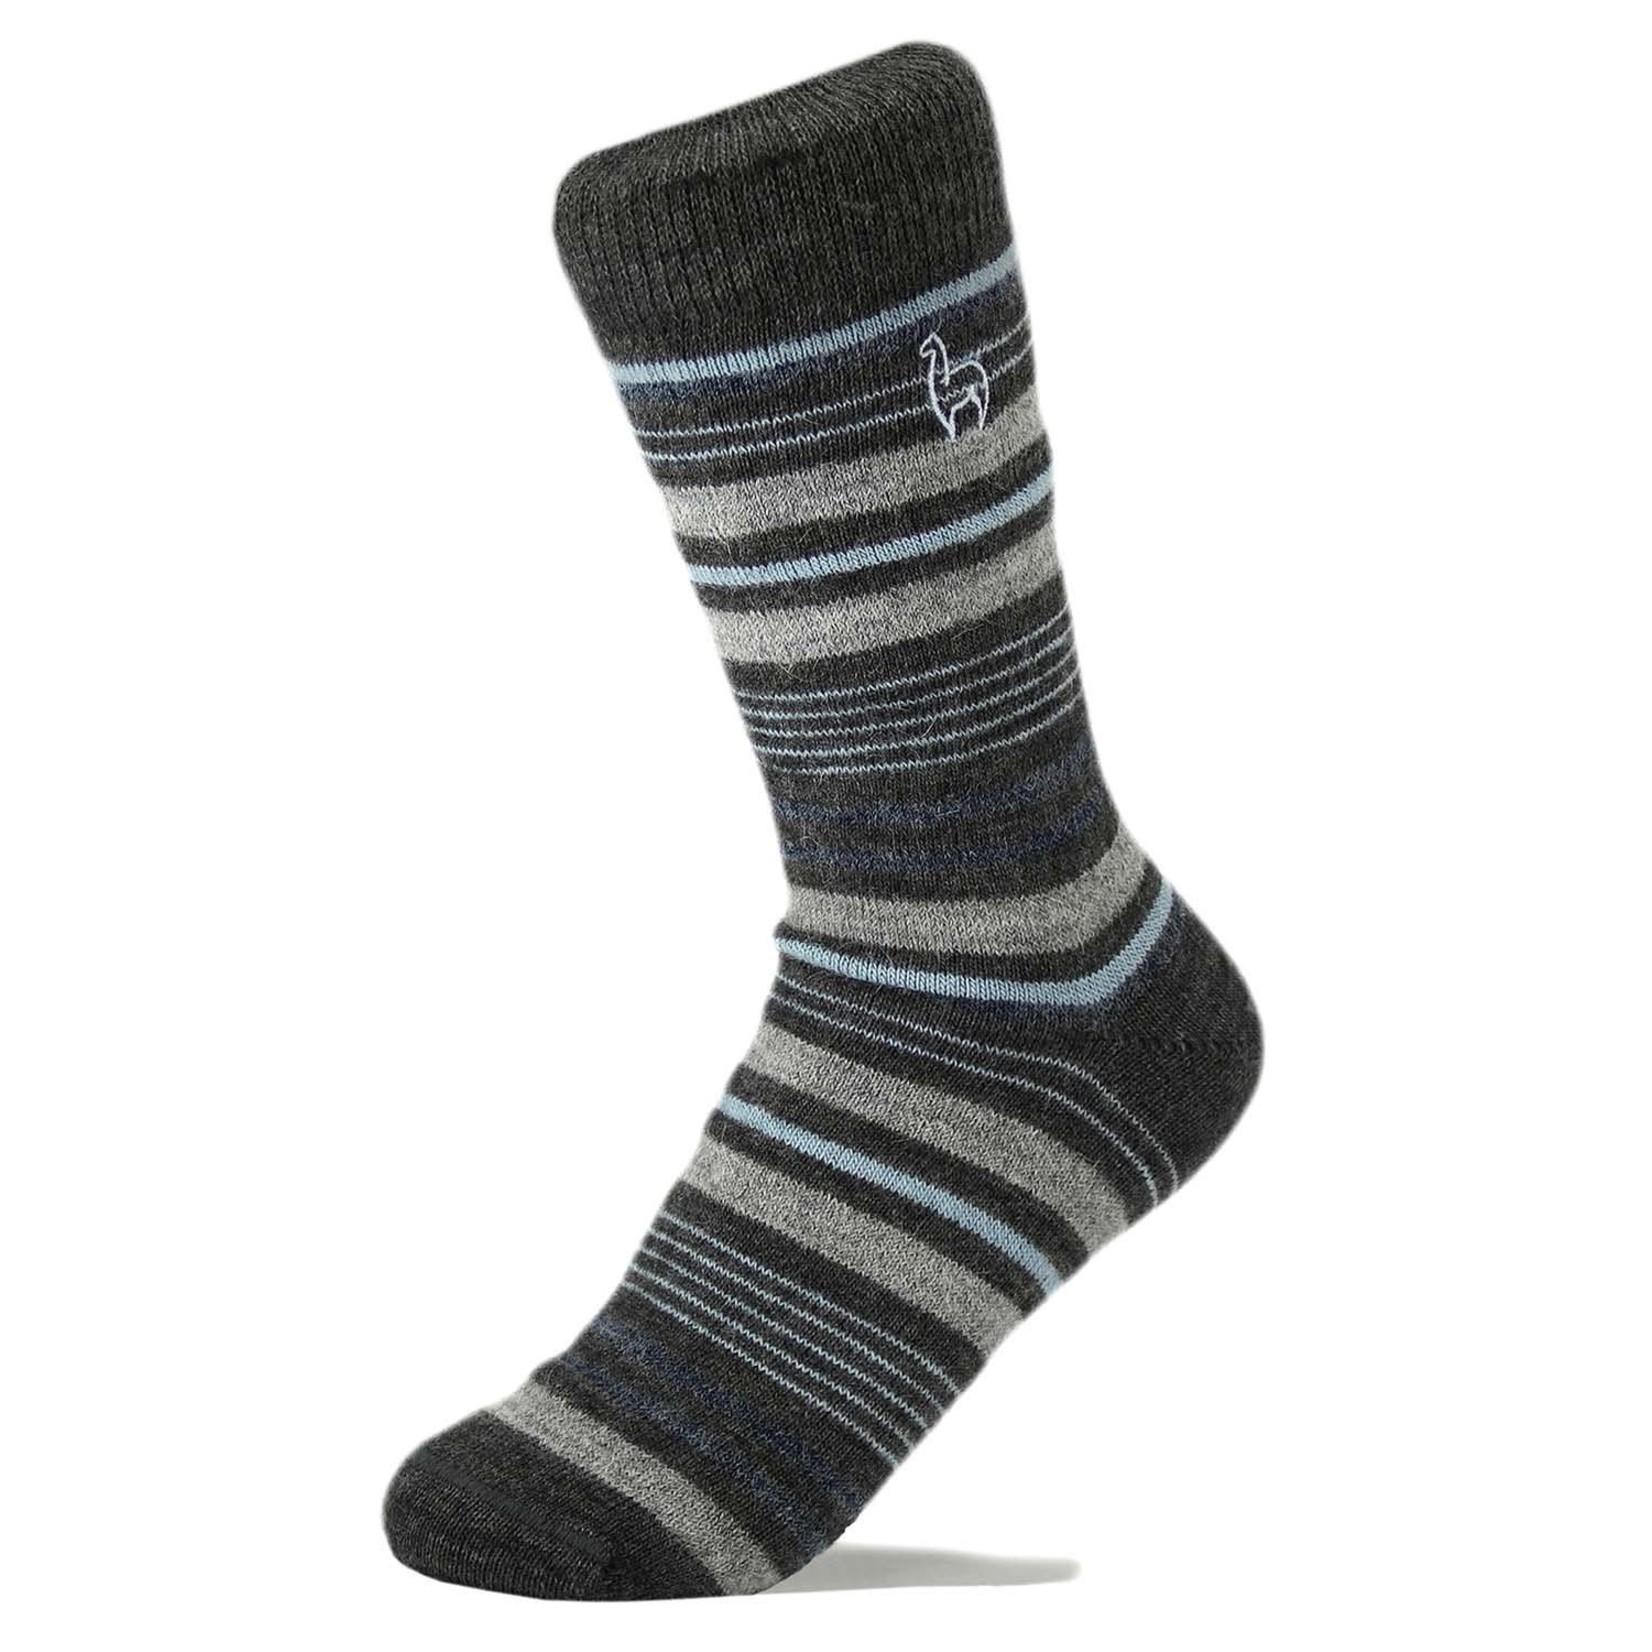 Alpaca Stripe Socks in Azul Sml